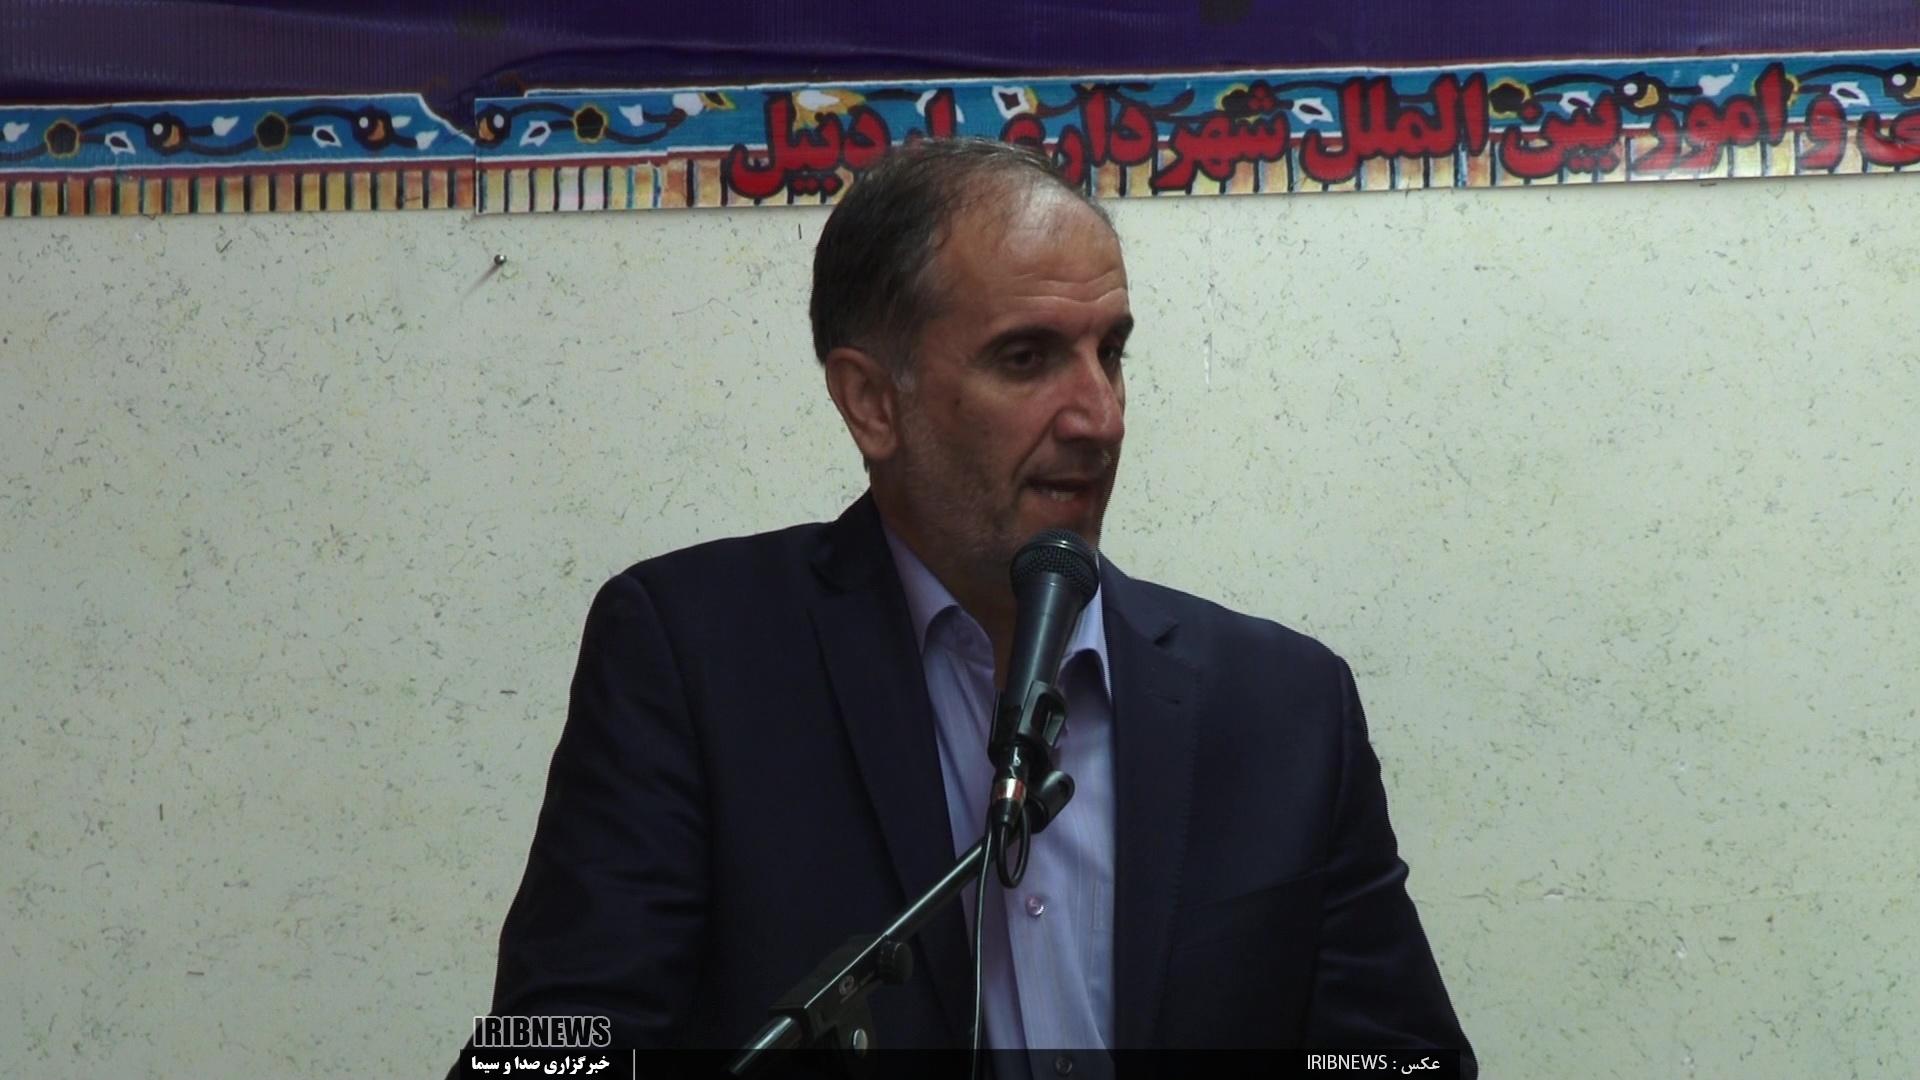 اعزام کاروان راهیان نور کارگران شهرداری اردبیل به مناطق عملیاتی کشور